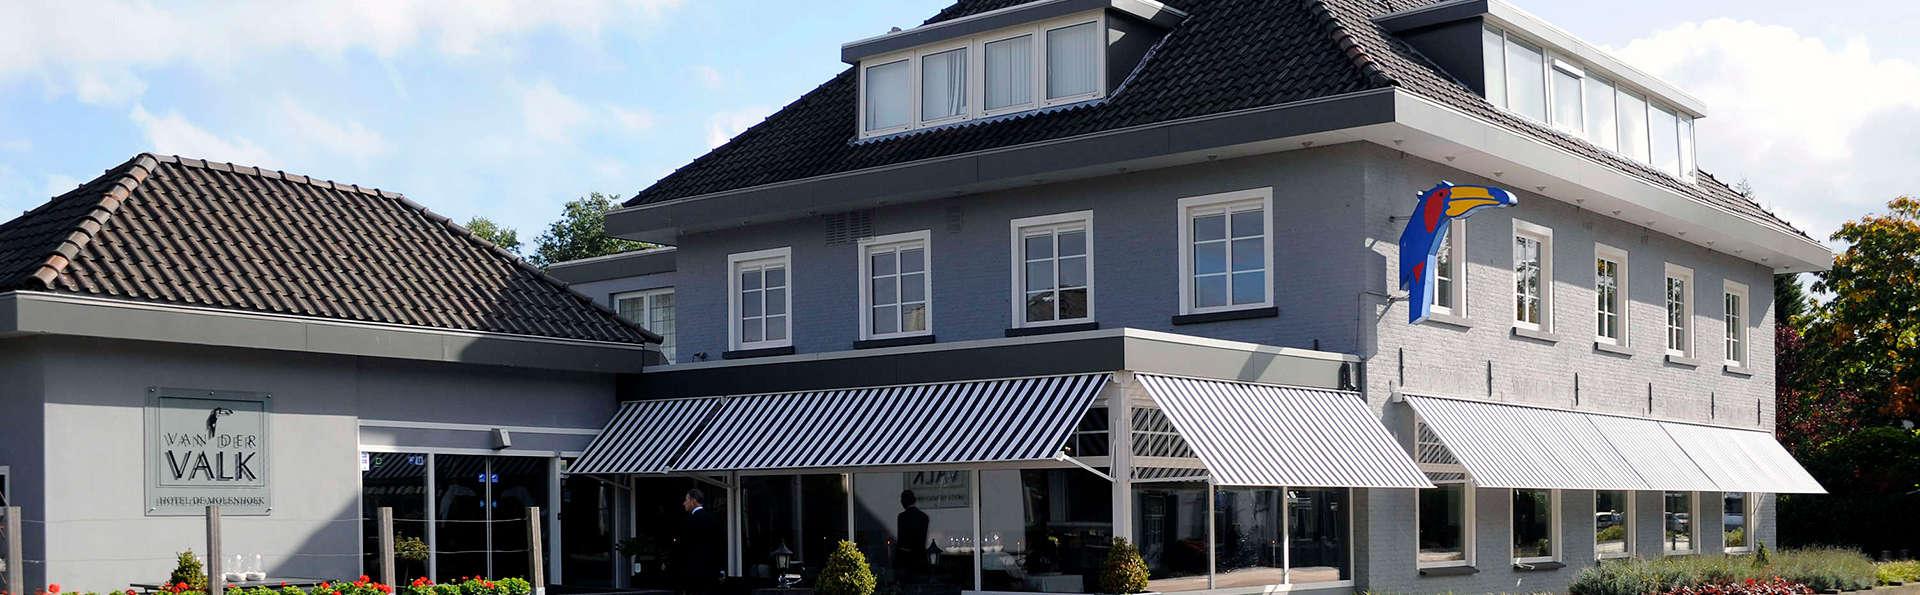 Van der Valk Hotel de Molenhoek-Nijmegen - edit_front1.jpg